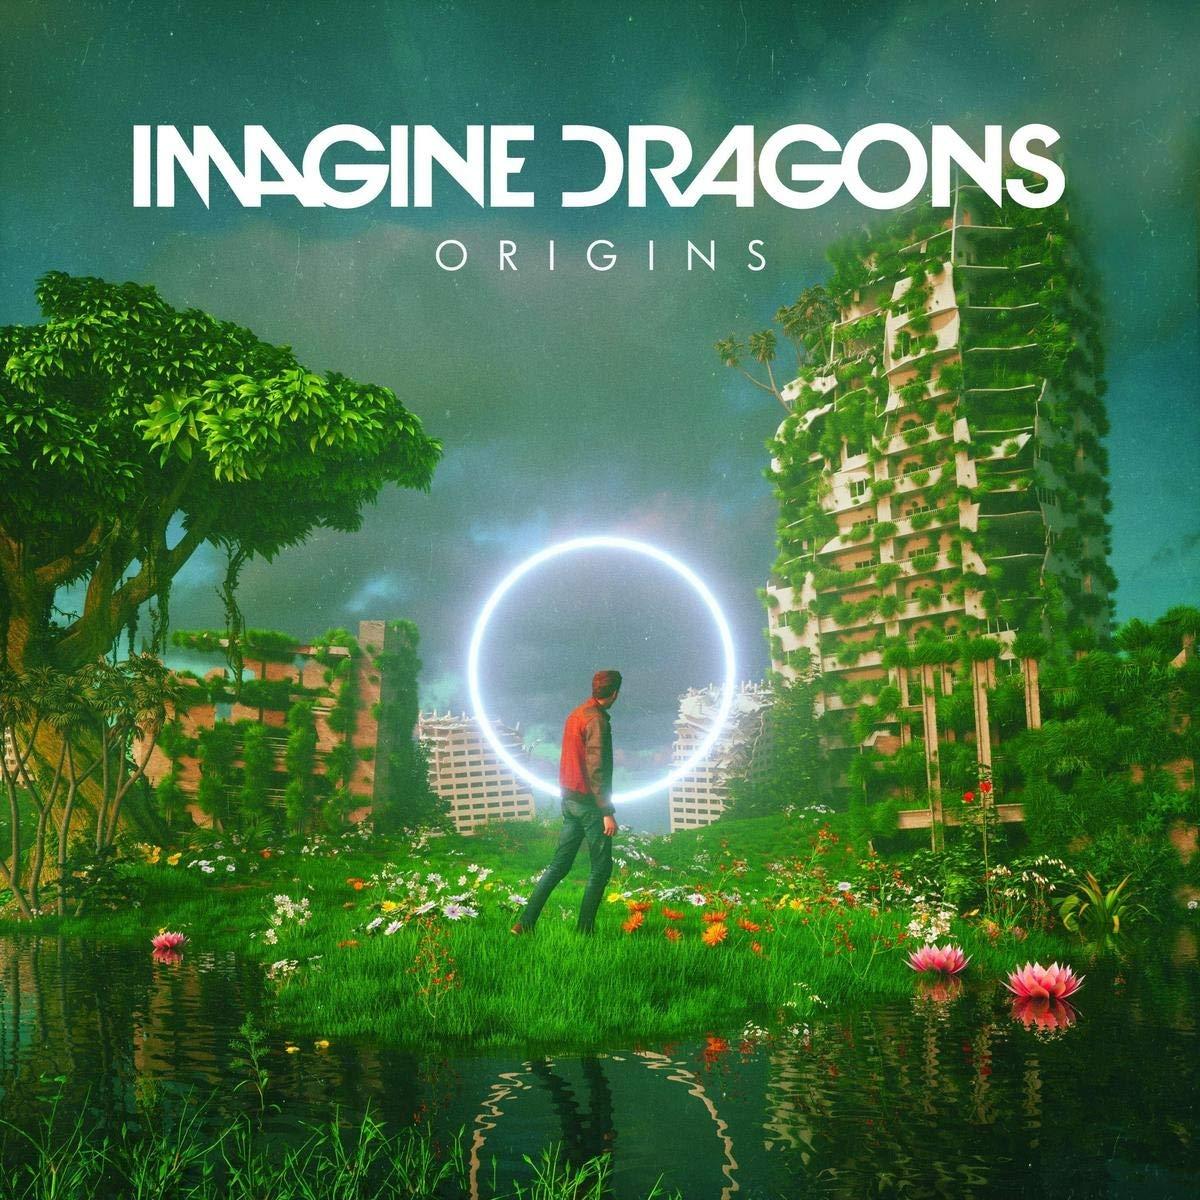 imagine dragons origins  Imagine Dragons - Origins -  Music